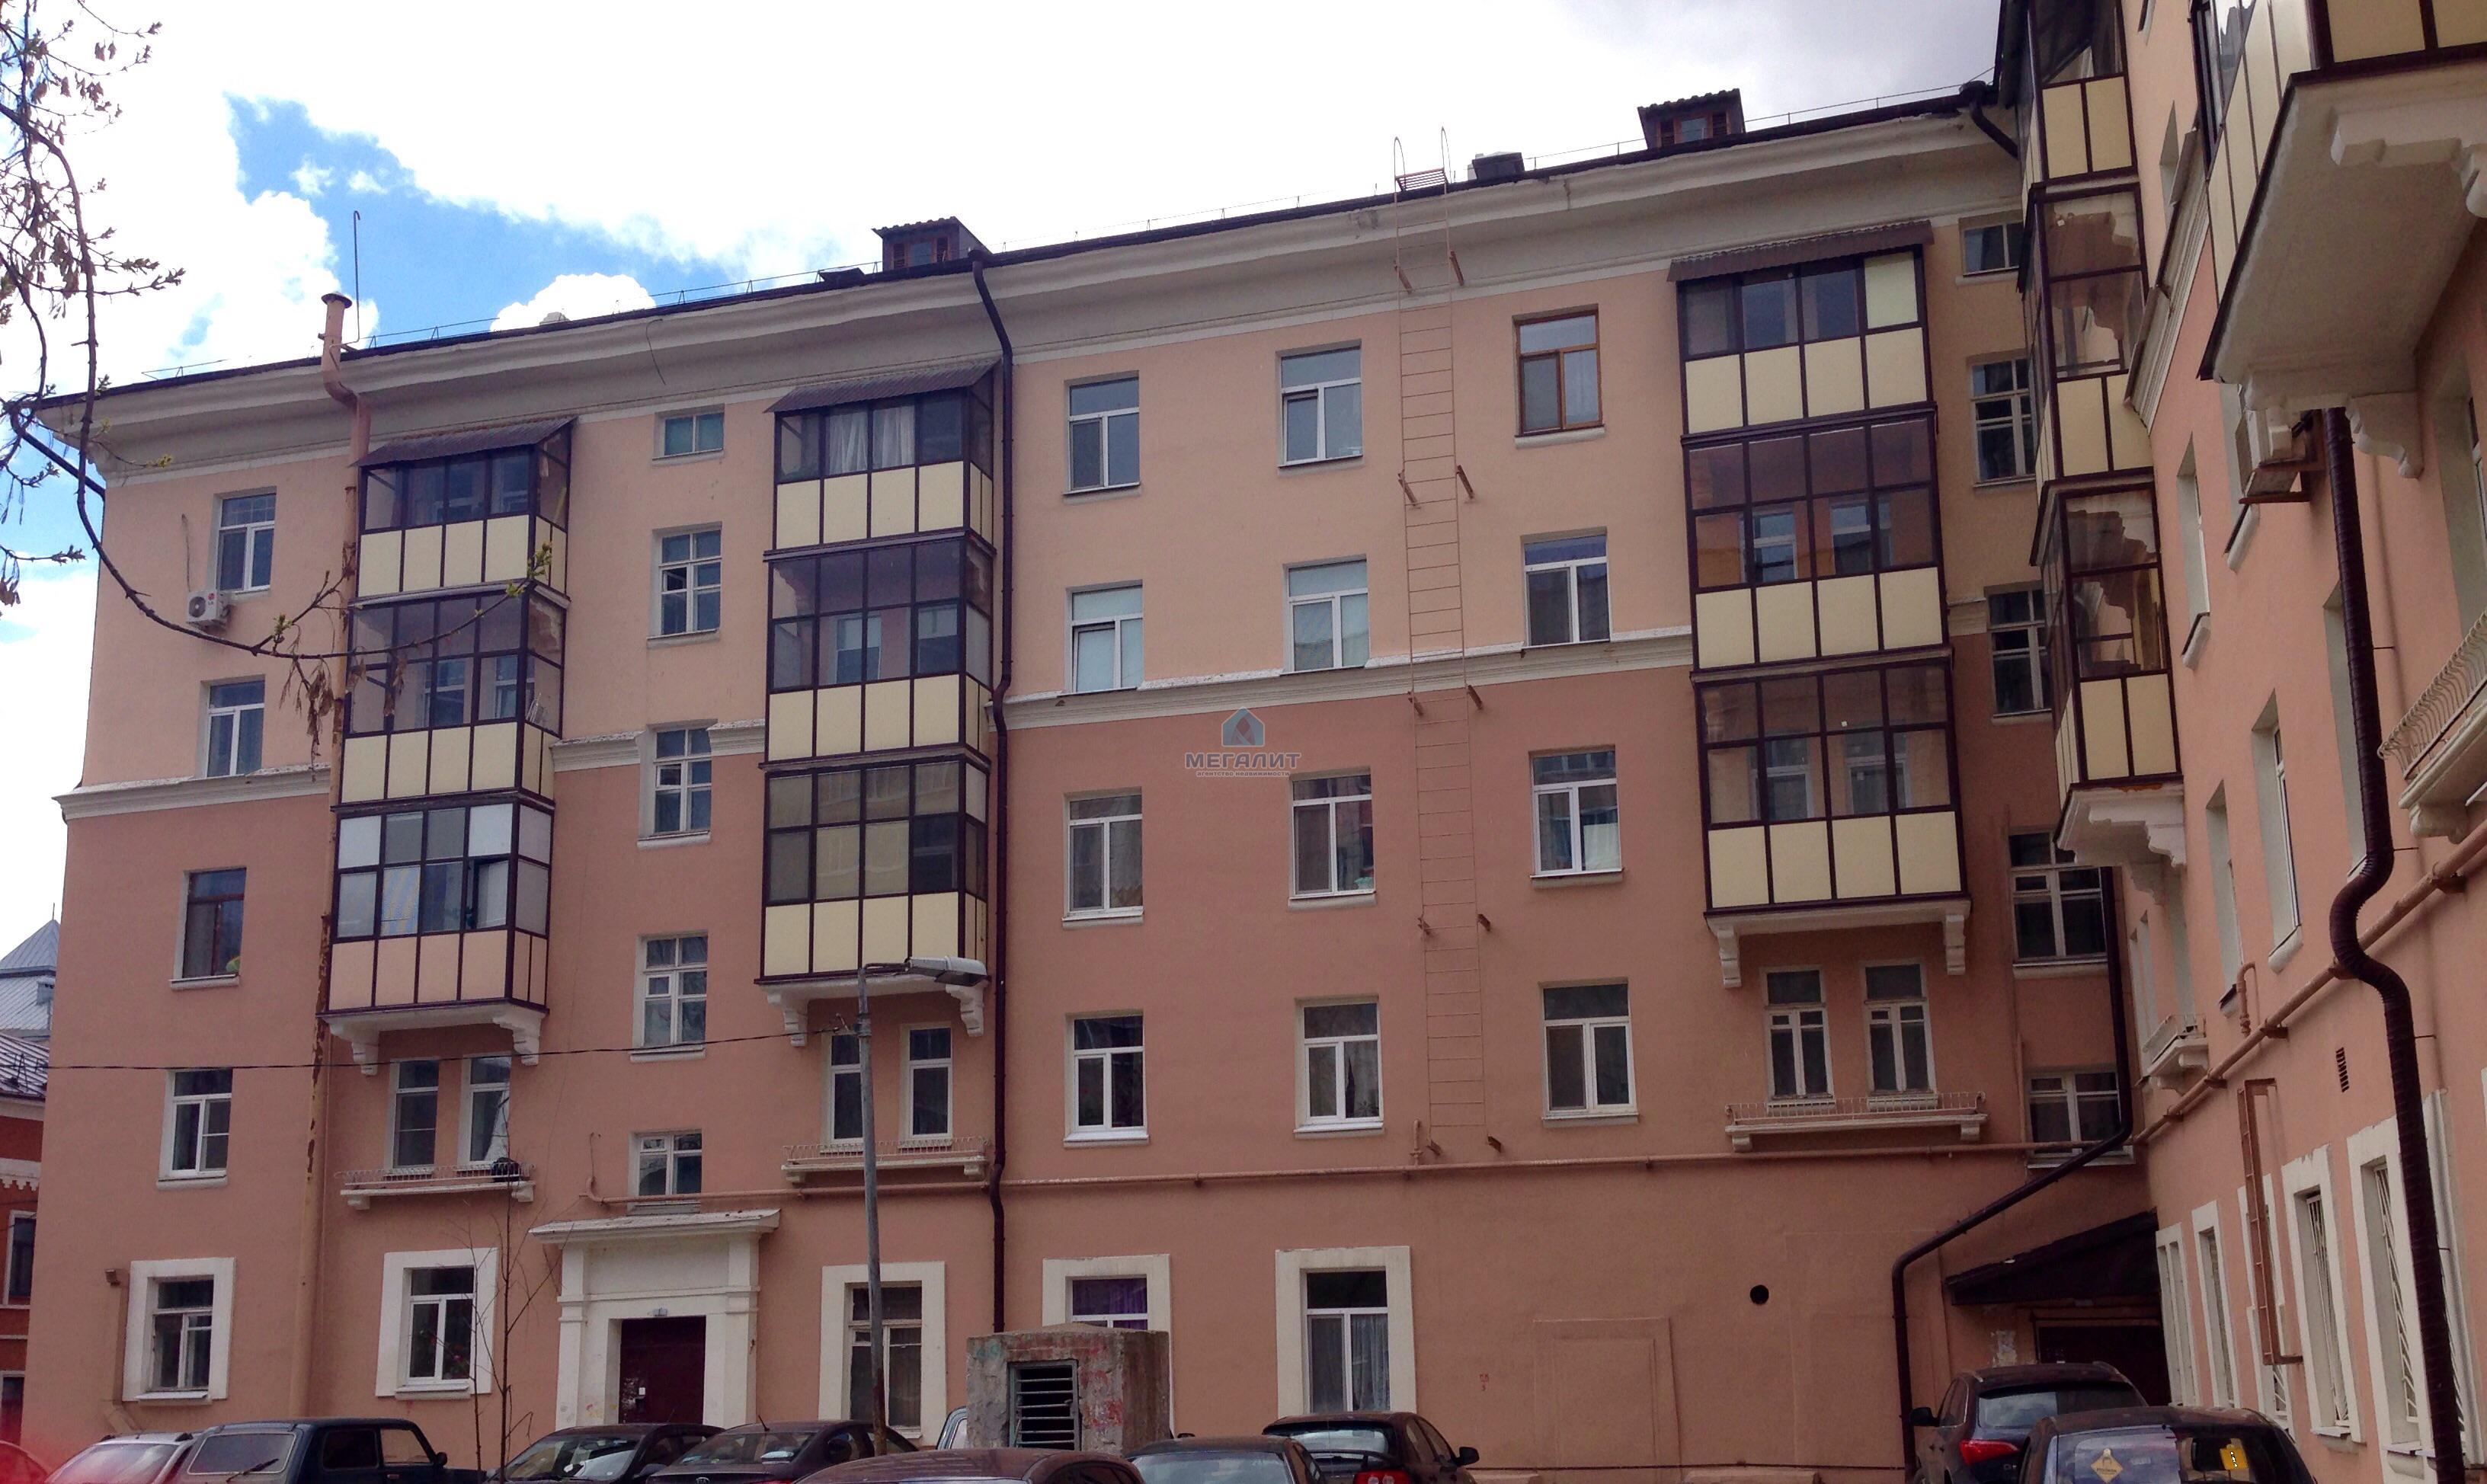 Продажа 2-к квартиры Нурсултана Назарбаева 9/2, 65 м2  (миниатюра №1)